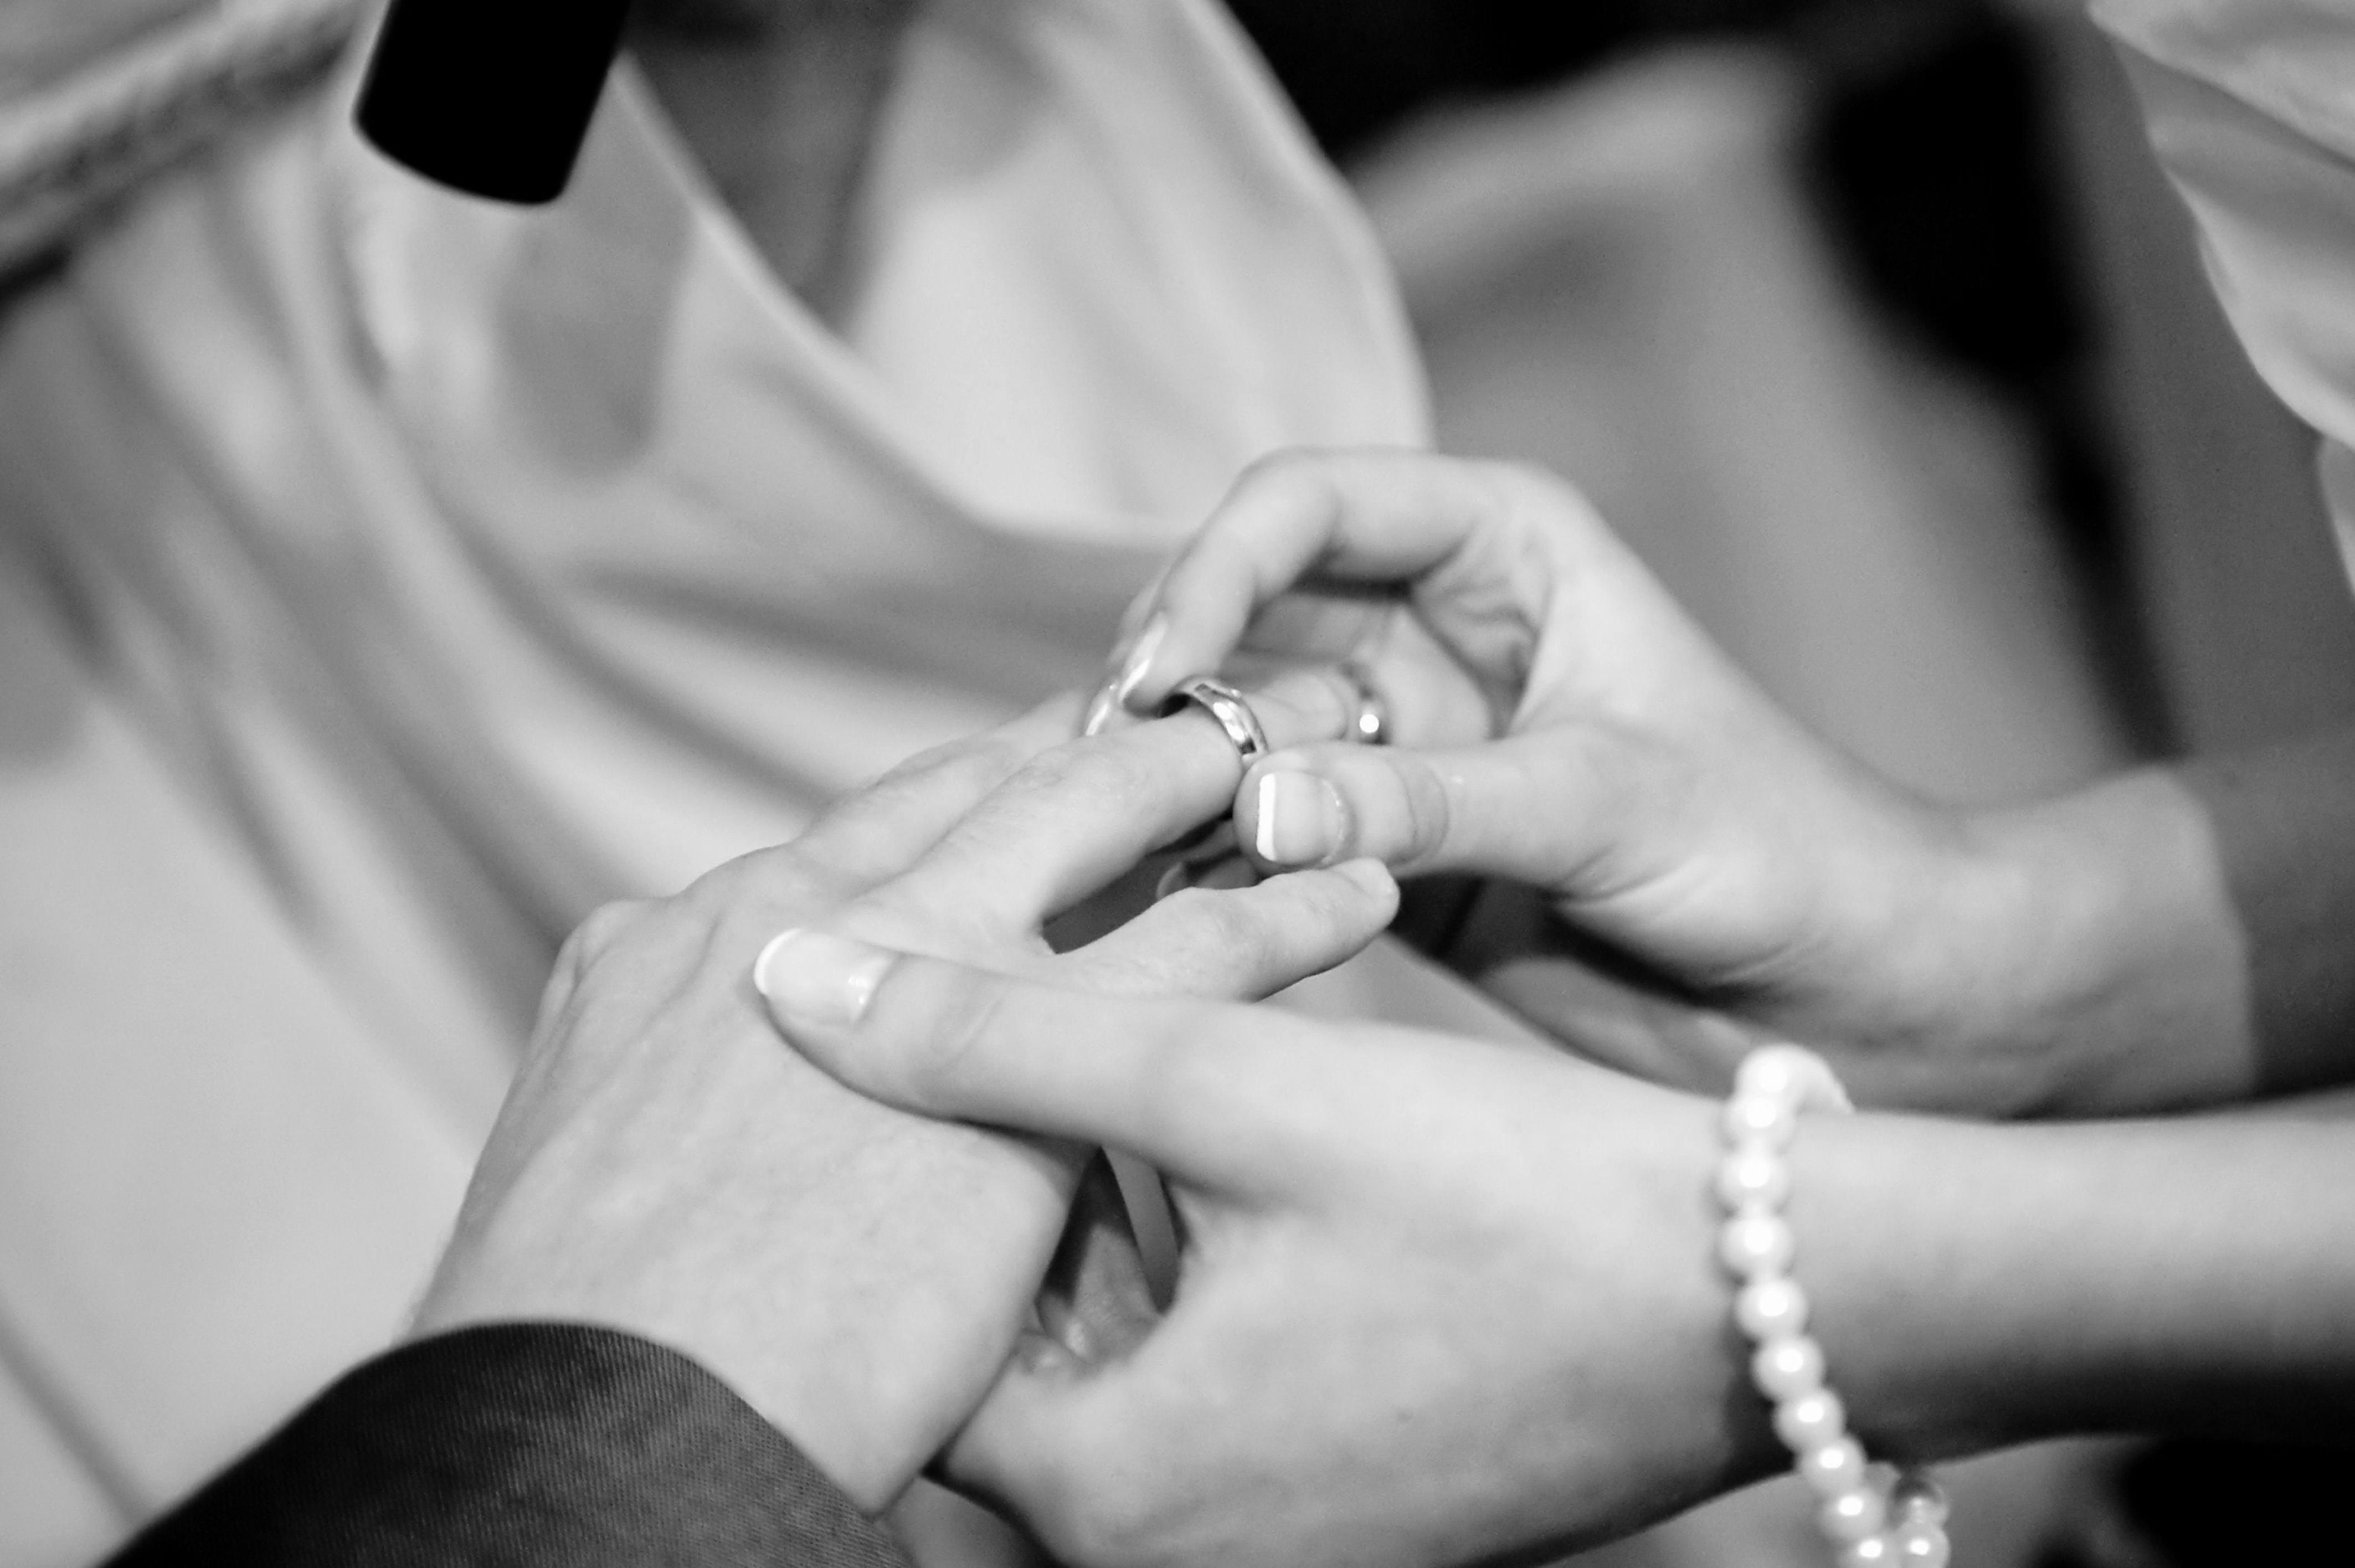 Hochzeit, Herz, Liebe, Ehering